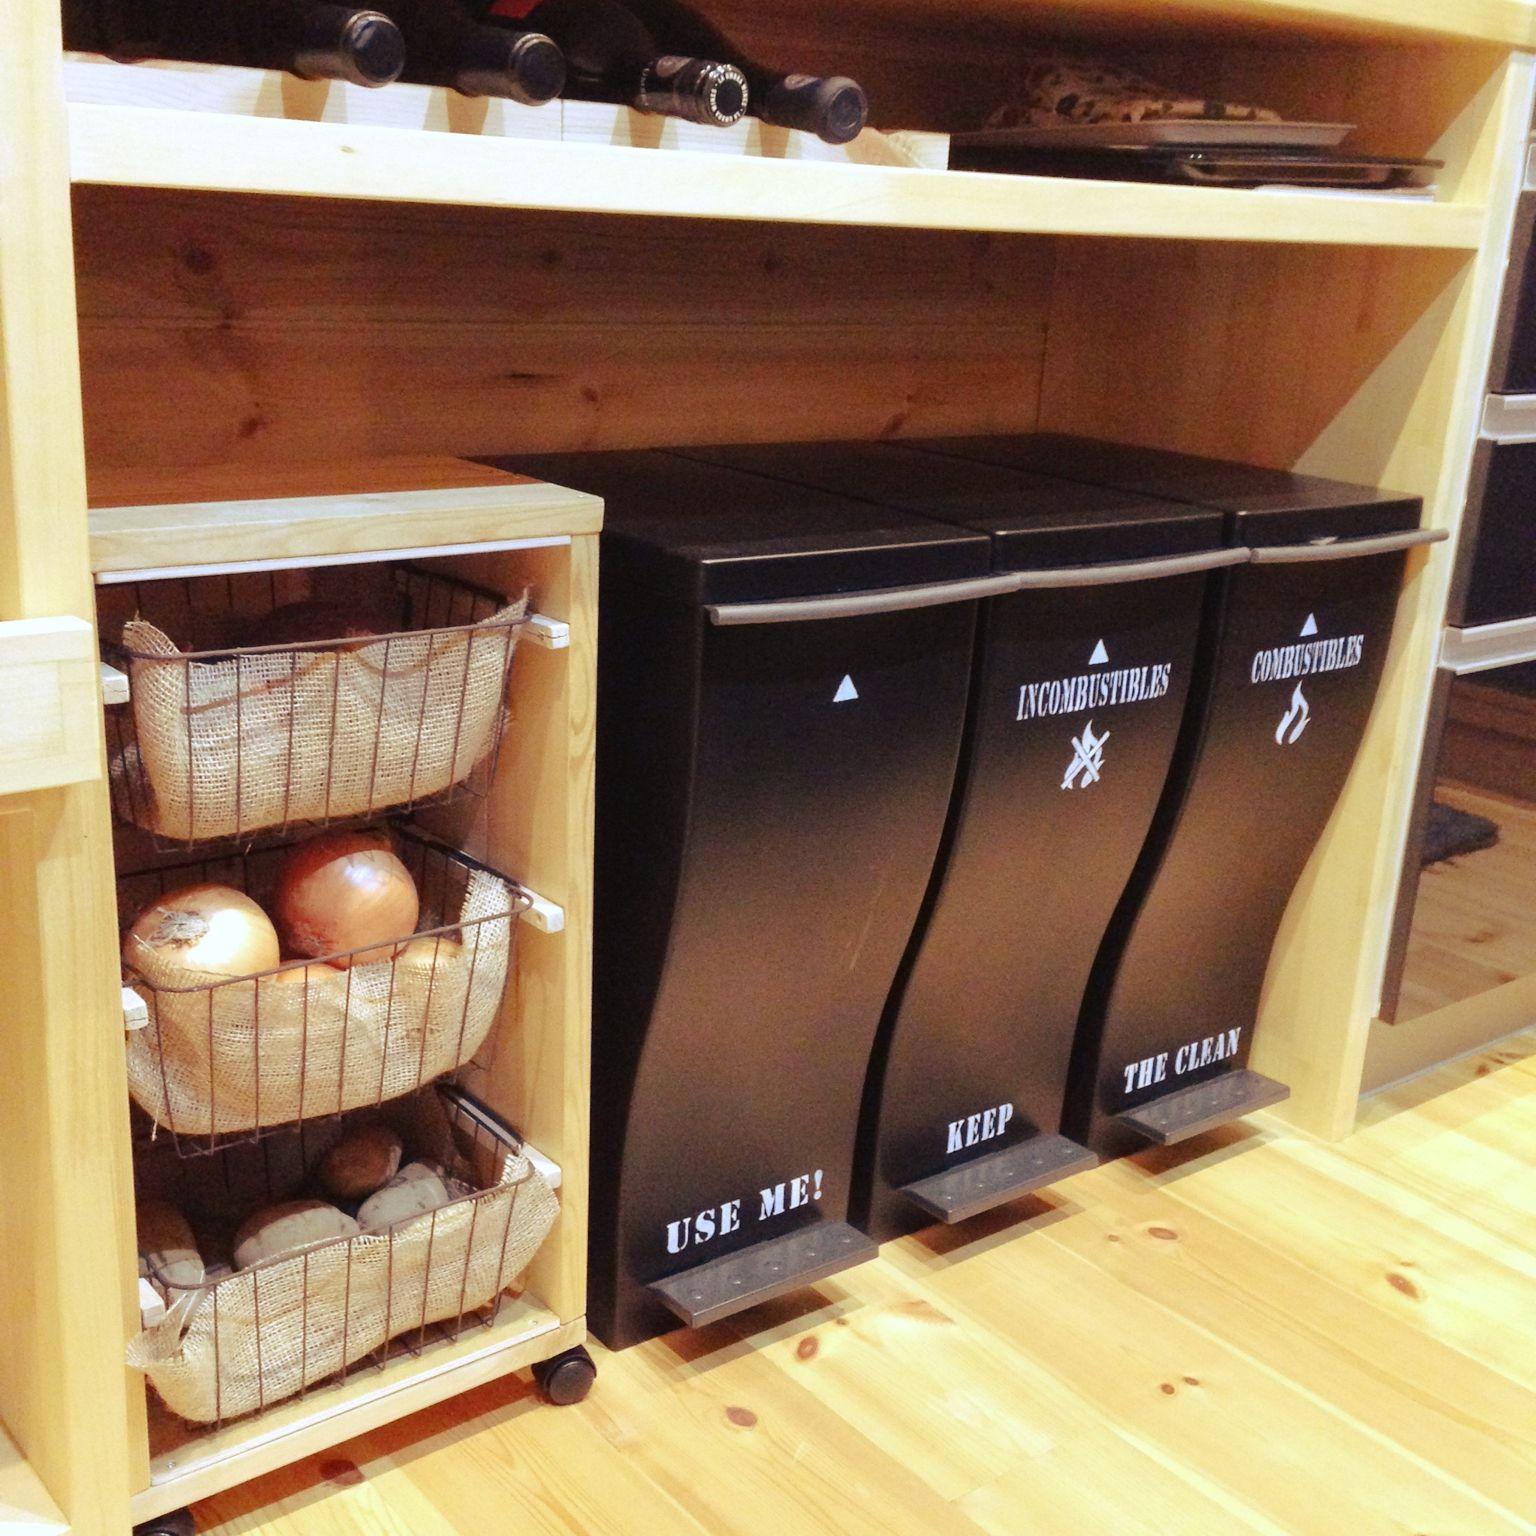 キッチンにスッキリと ゴミ箱の置き方10のコツ Roomclip Mag 暮らしとインテリアのwebマガジン 野菜ストッカー ゴミ箱 キッチン キッチンアイデア